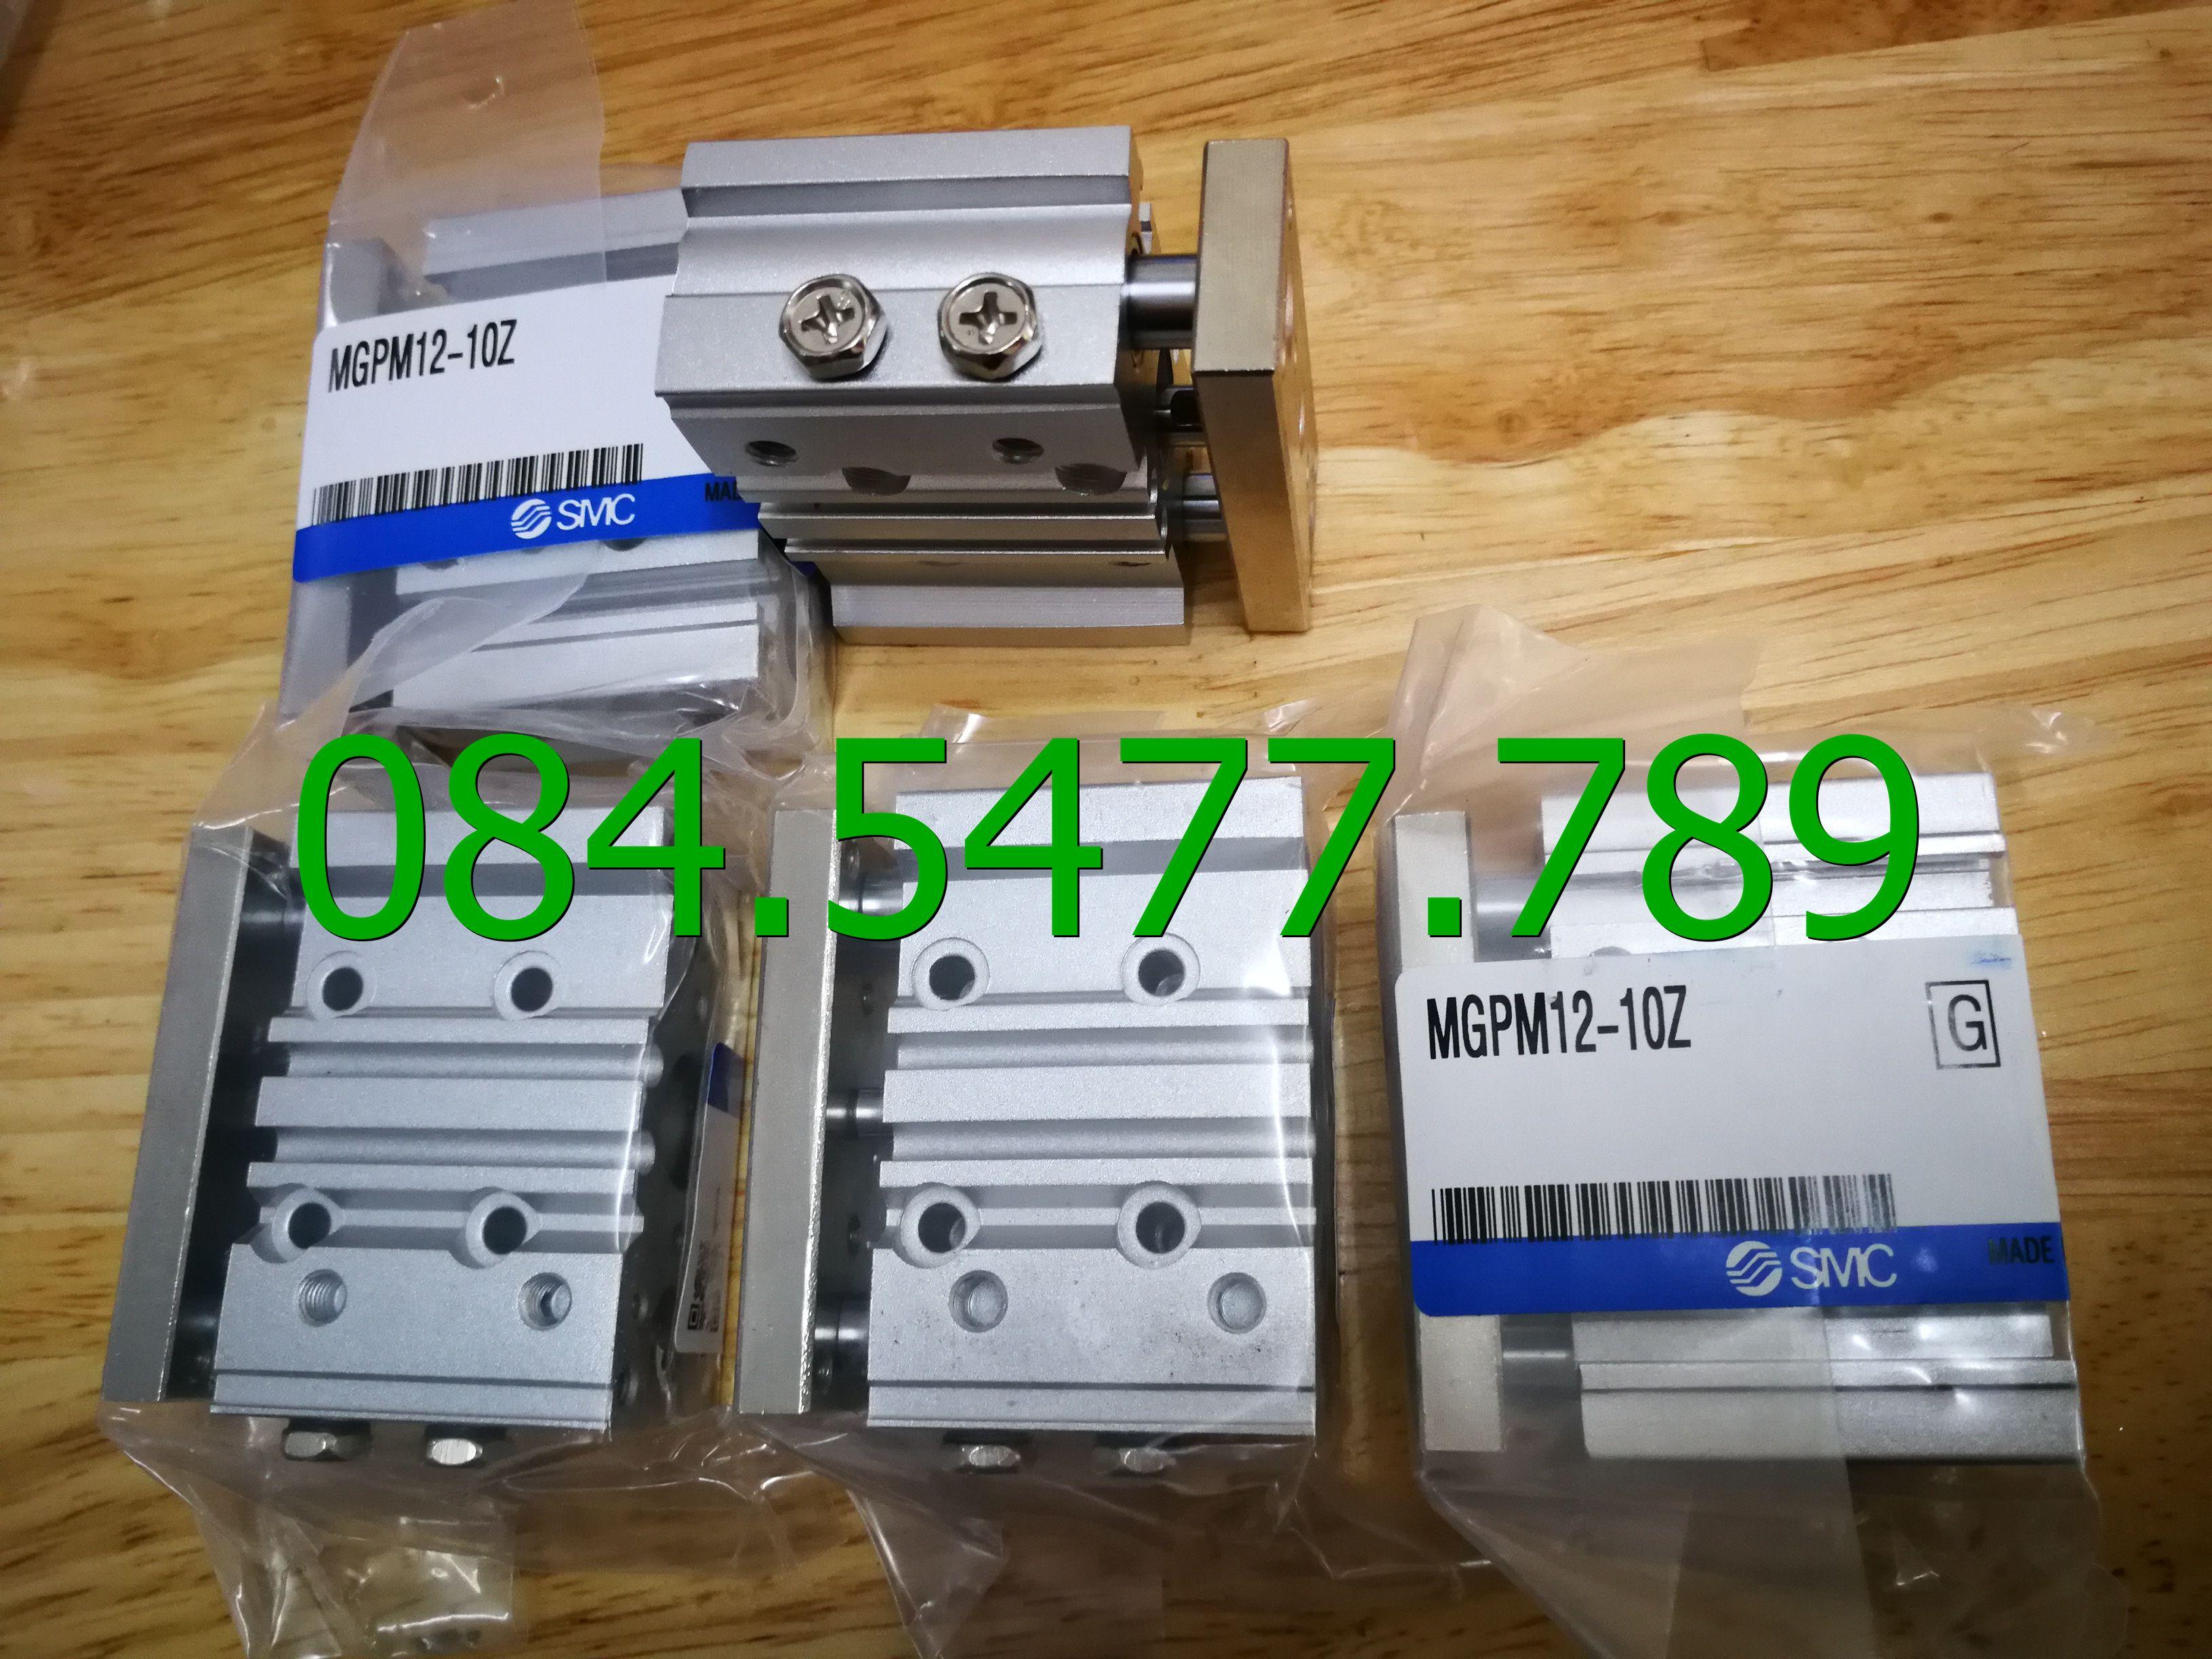 MGPM12x10z,MGPM Series -- Xi lanh 3 Ty Tác Động Kép - SMC